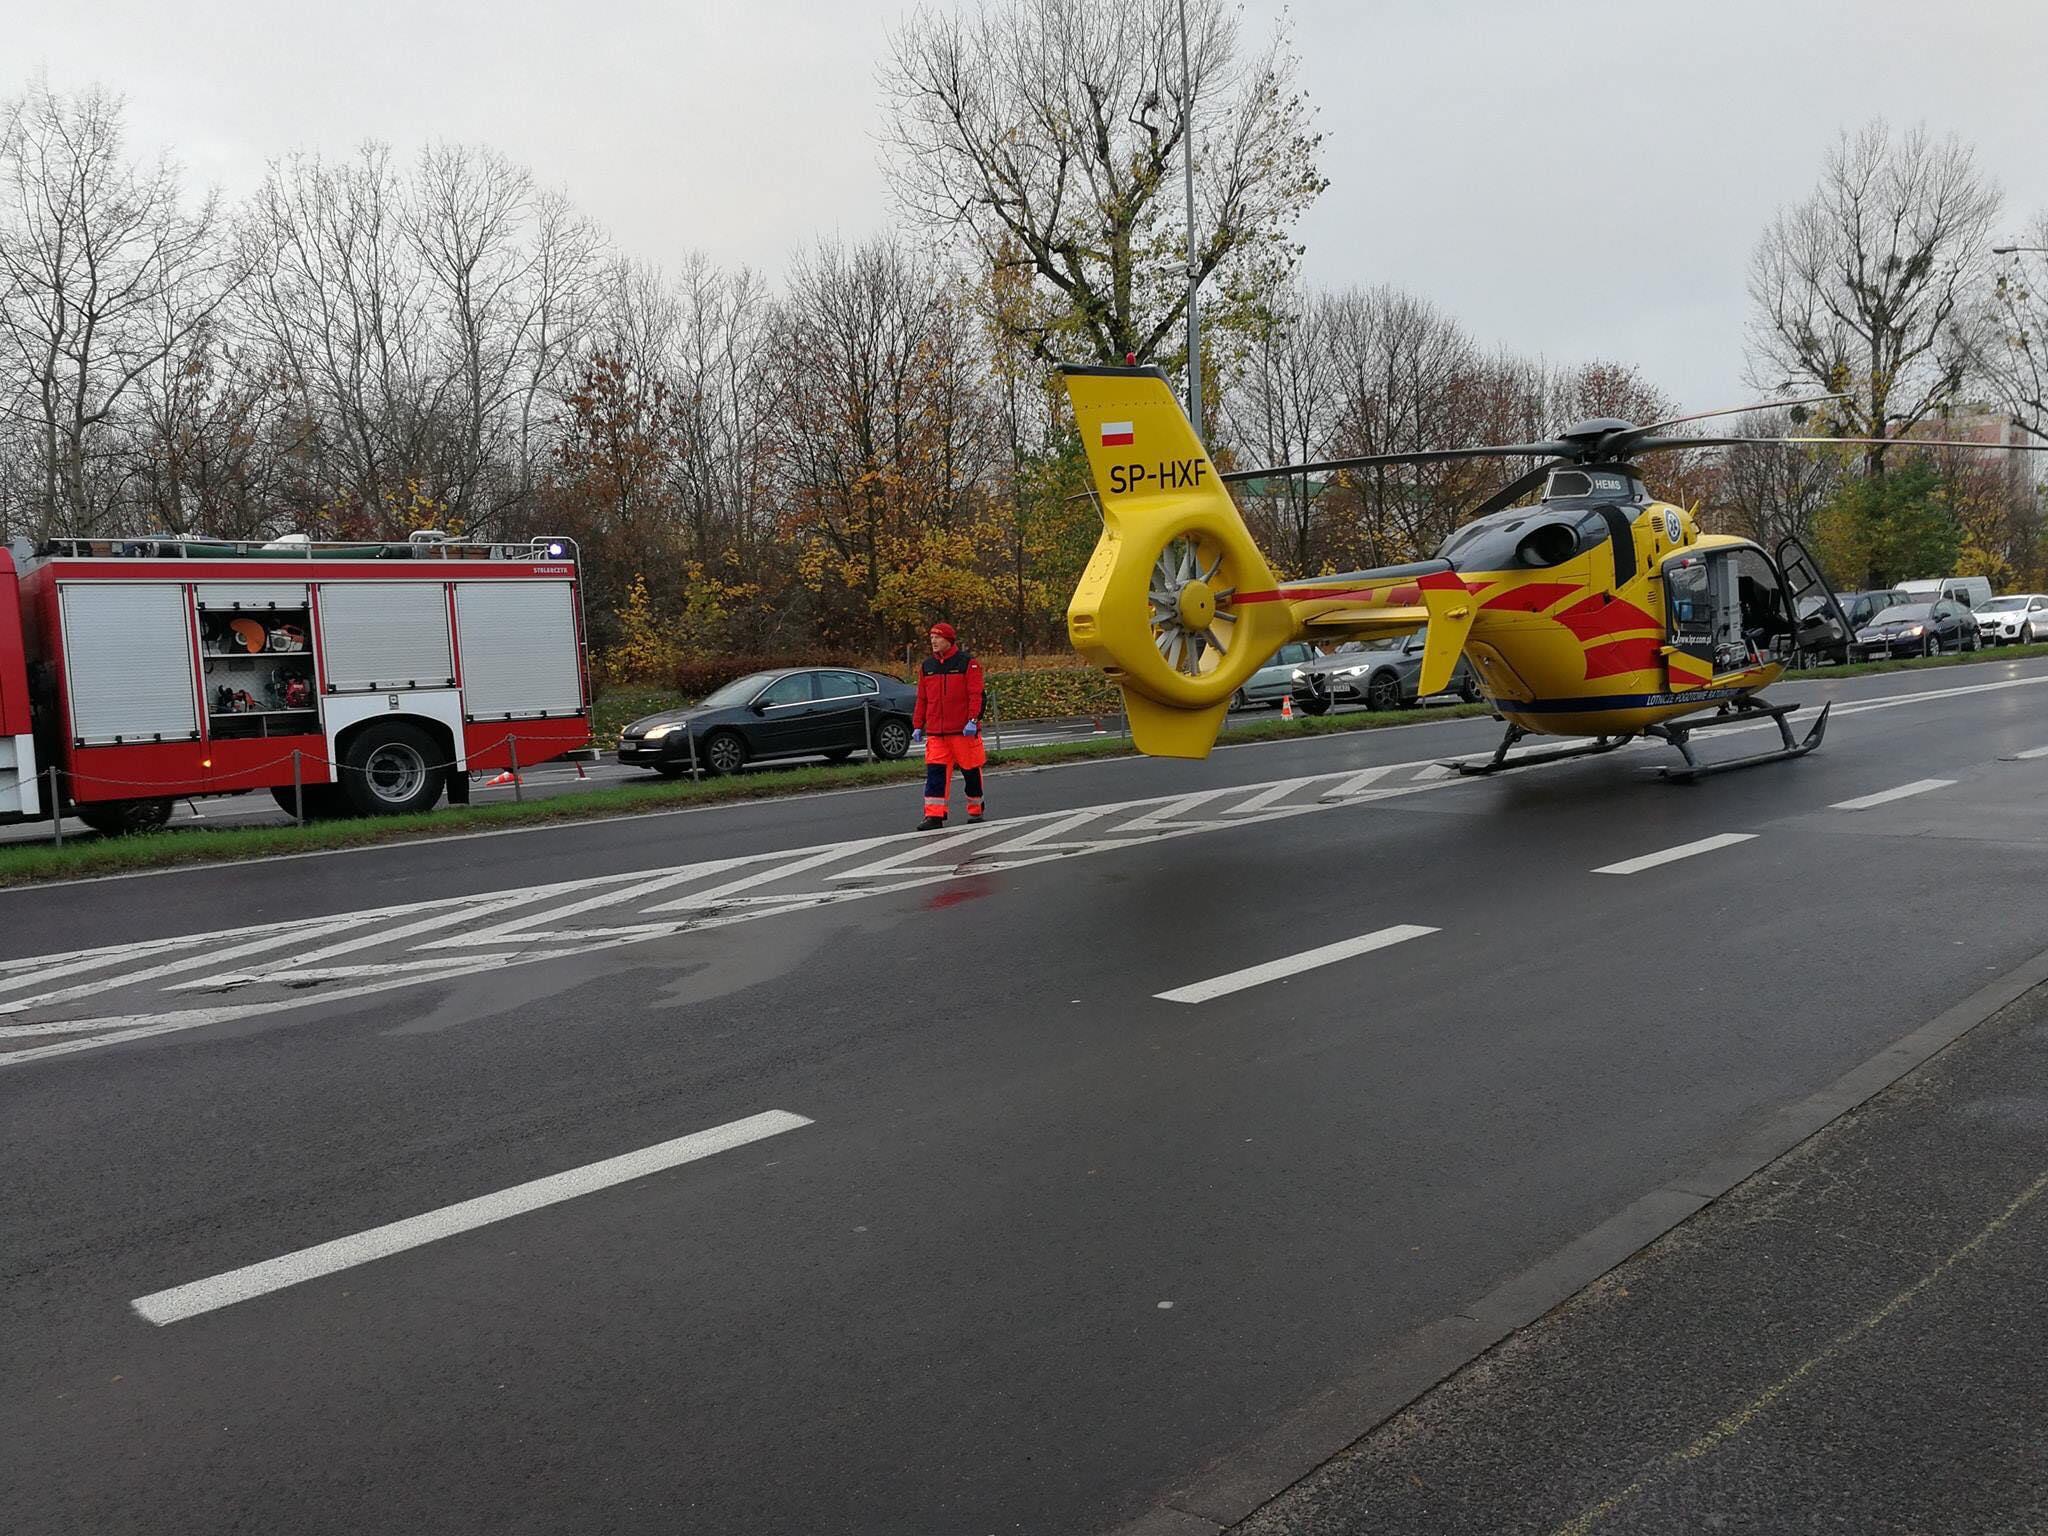 Wypadek Dąbrowskiego LPR Śmigłowiec - Maciej Wudarski Facebook